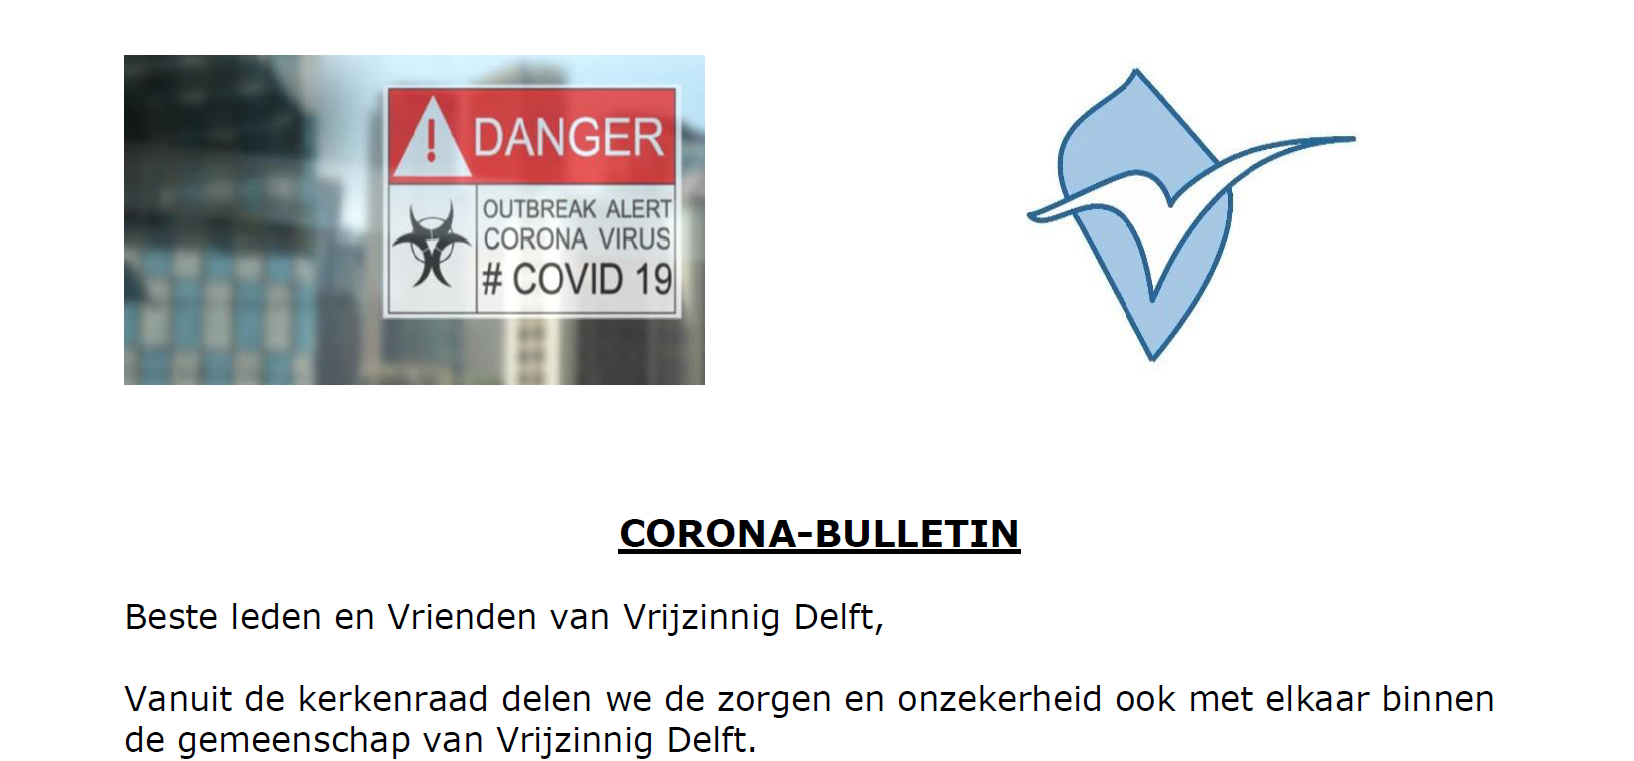 Corona Bulletin 17 maart 2020